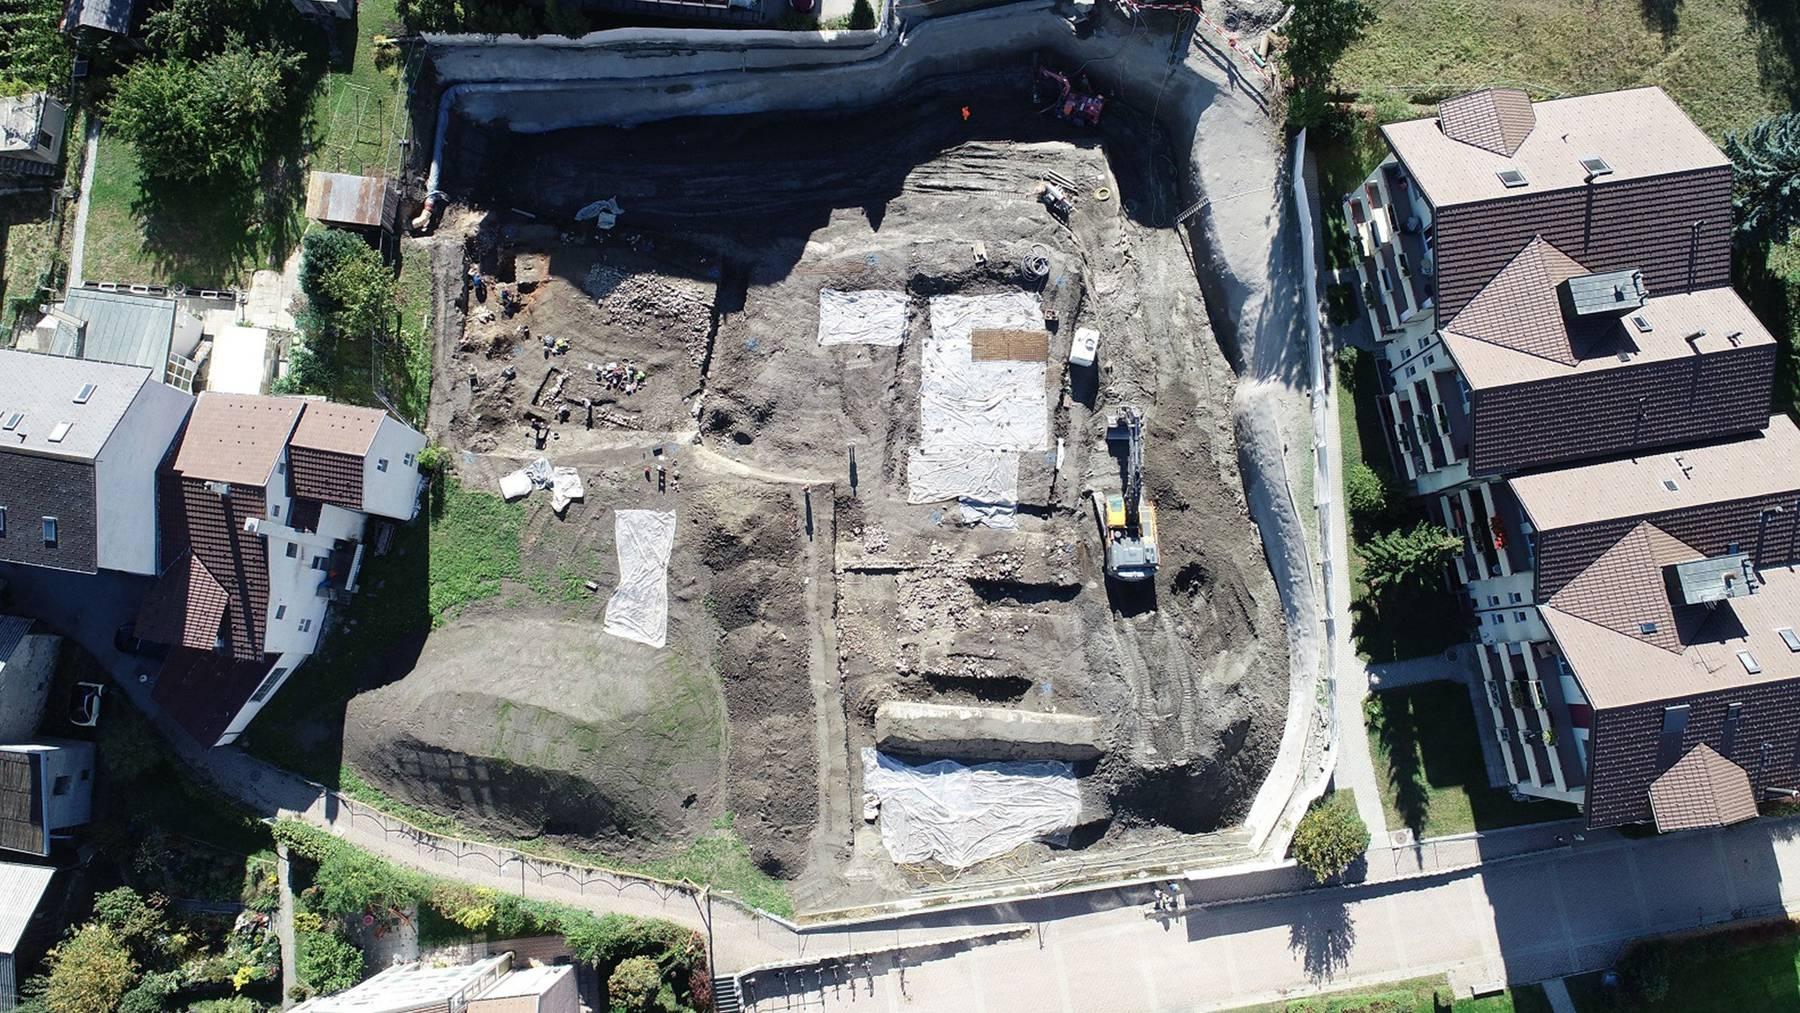 Übersicht über die archäologische Ausgrabung in Glis, die mehrere Gebäude aus der Römerzeit freigelegt hat.